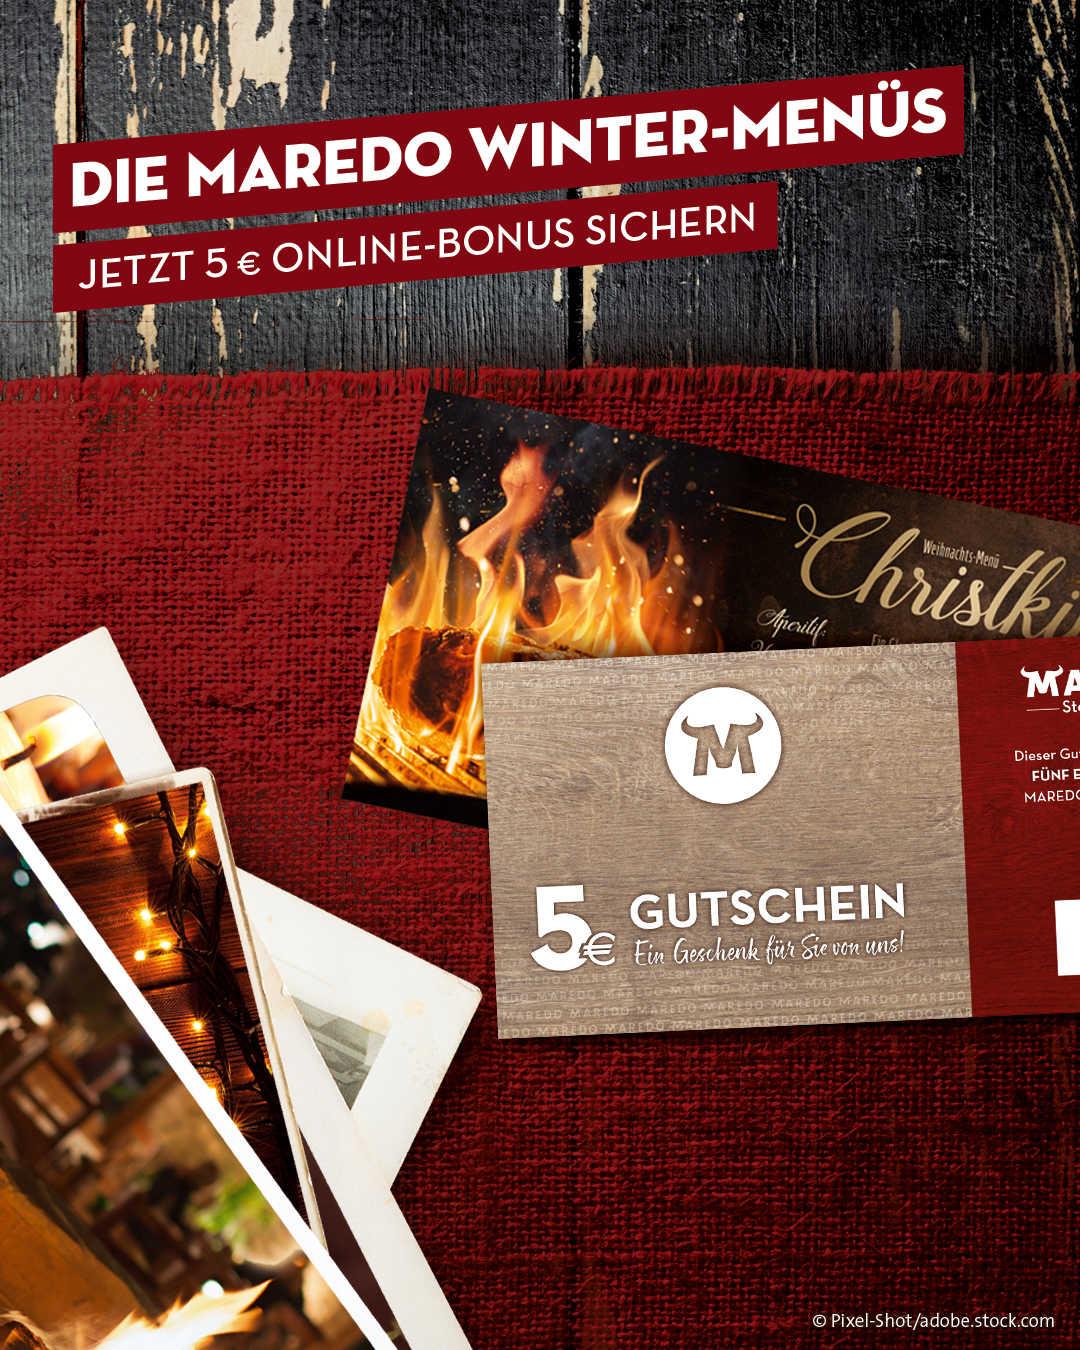 FB Image GS Winter Menues 1080x1350 3 2